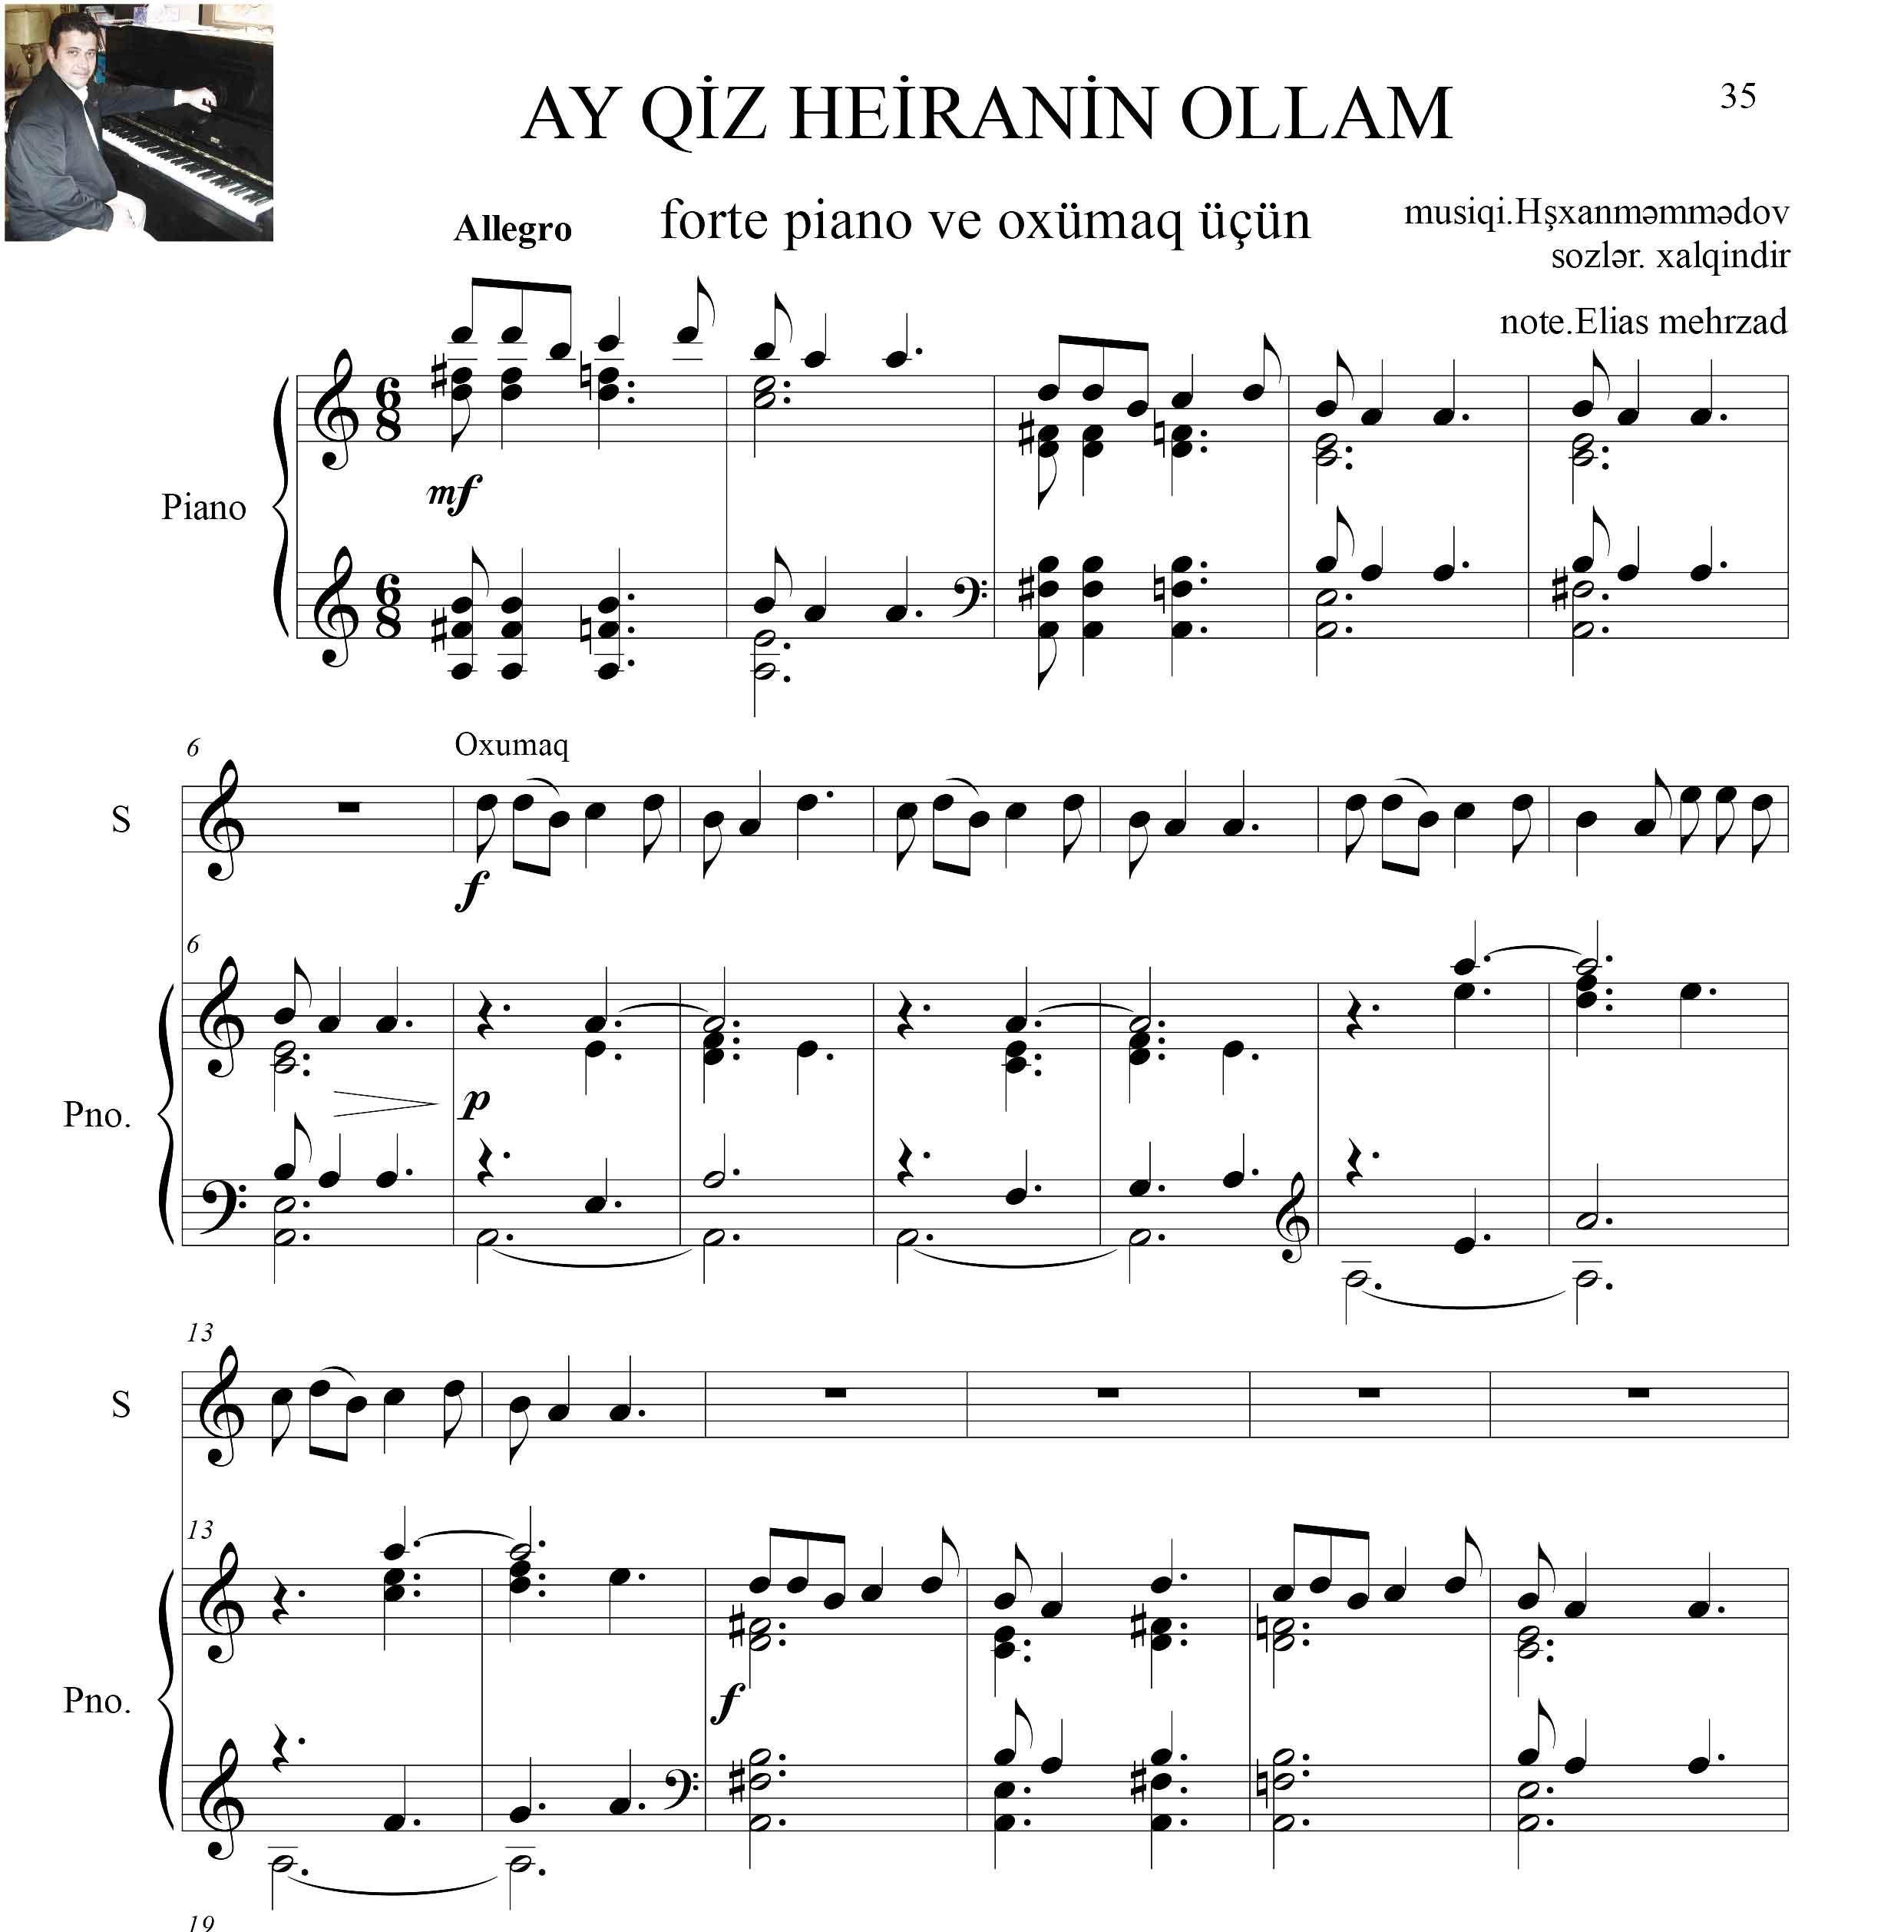 نت آذری آهنگ آی قیز حیرانین الام برای پیانو و آواز